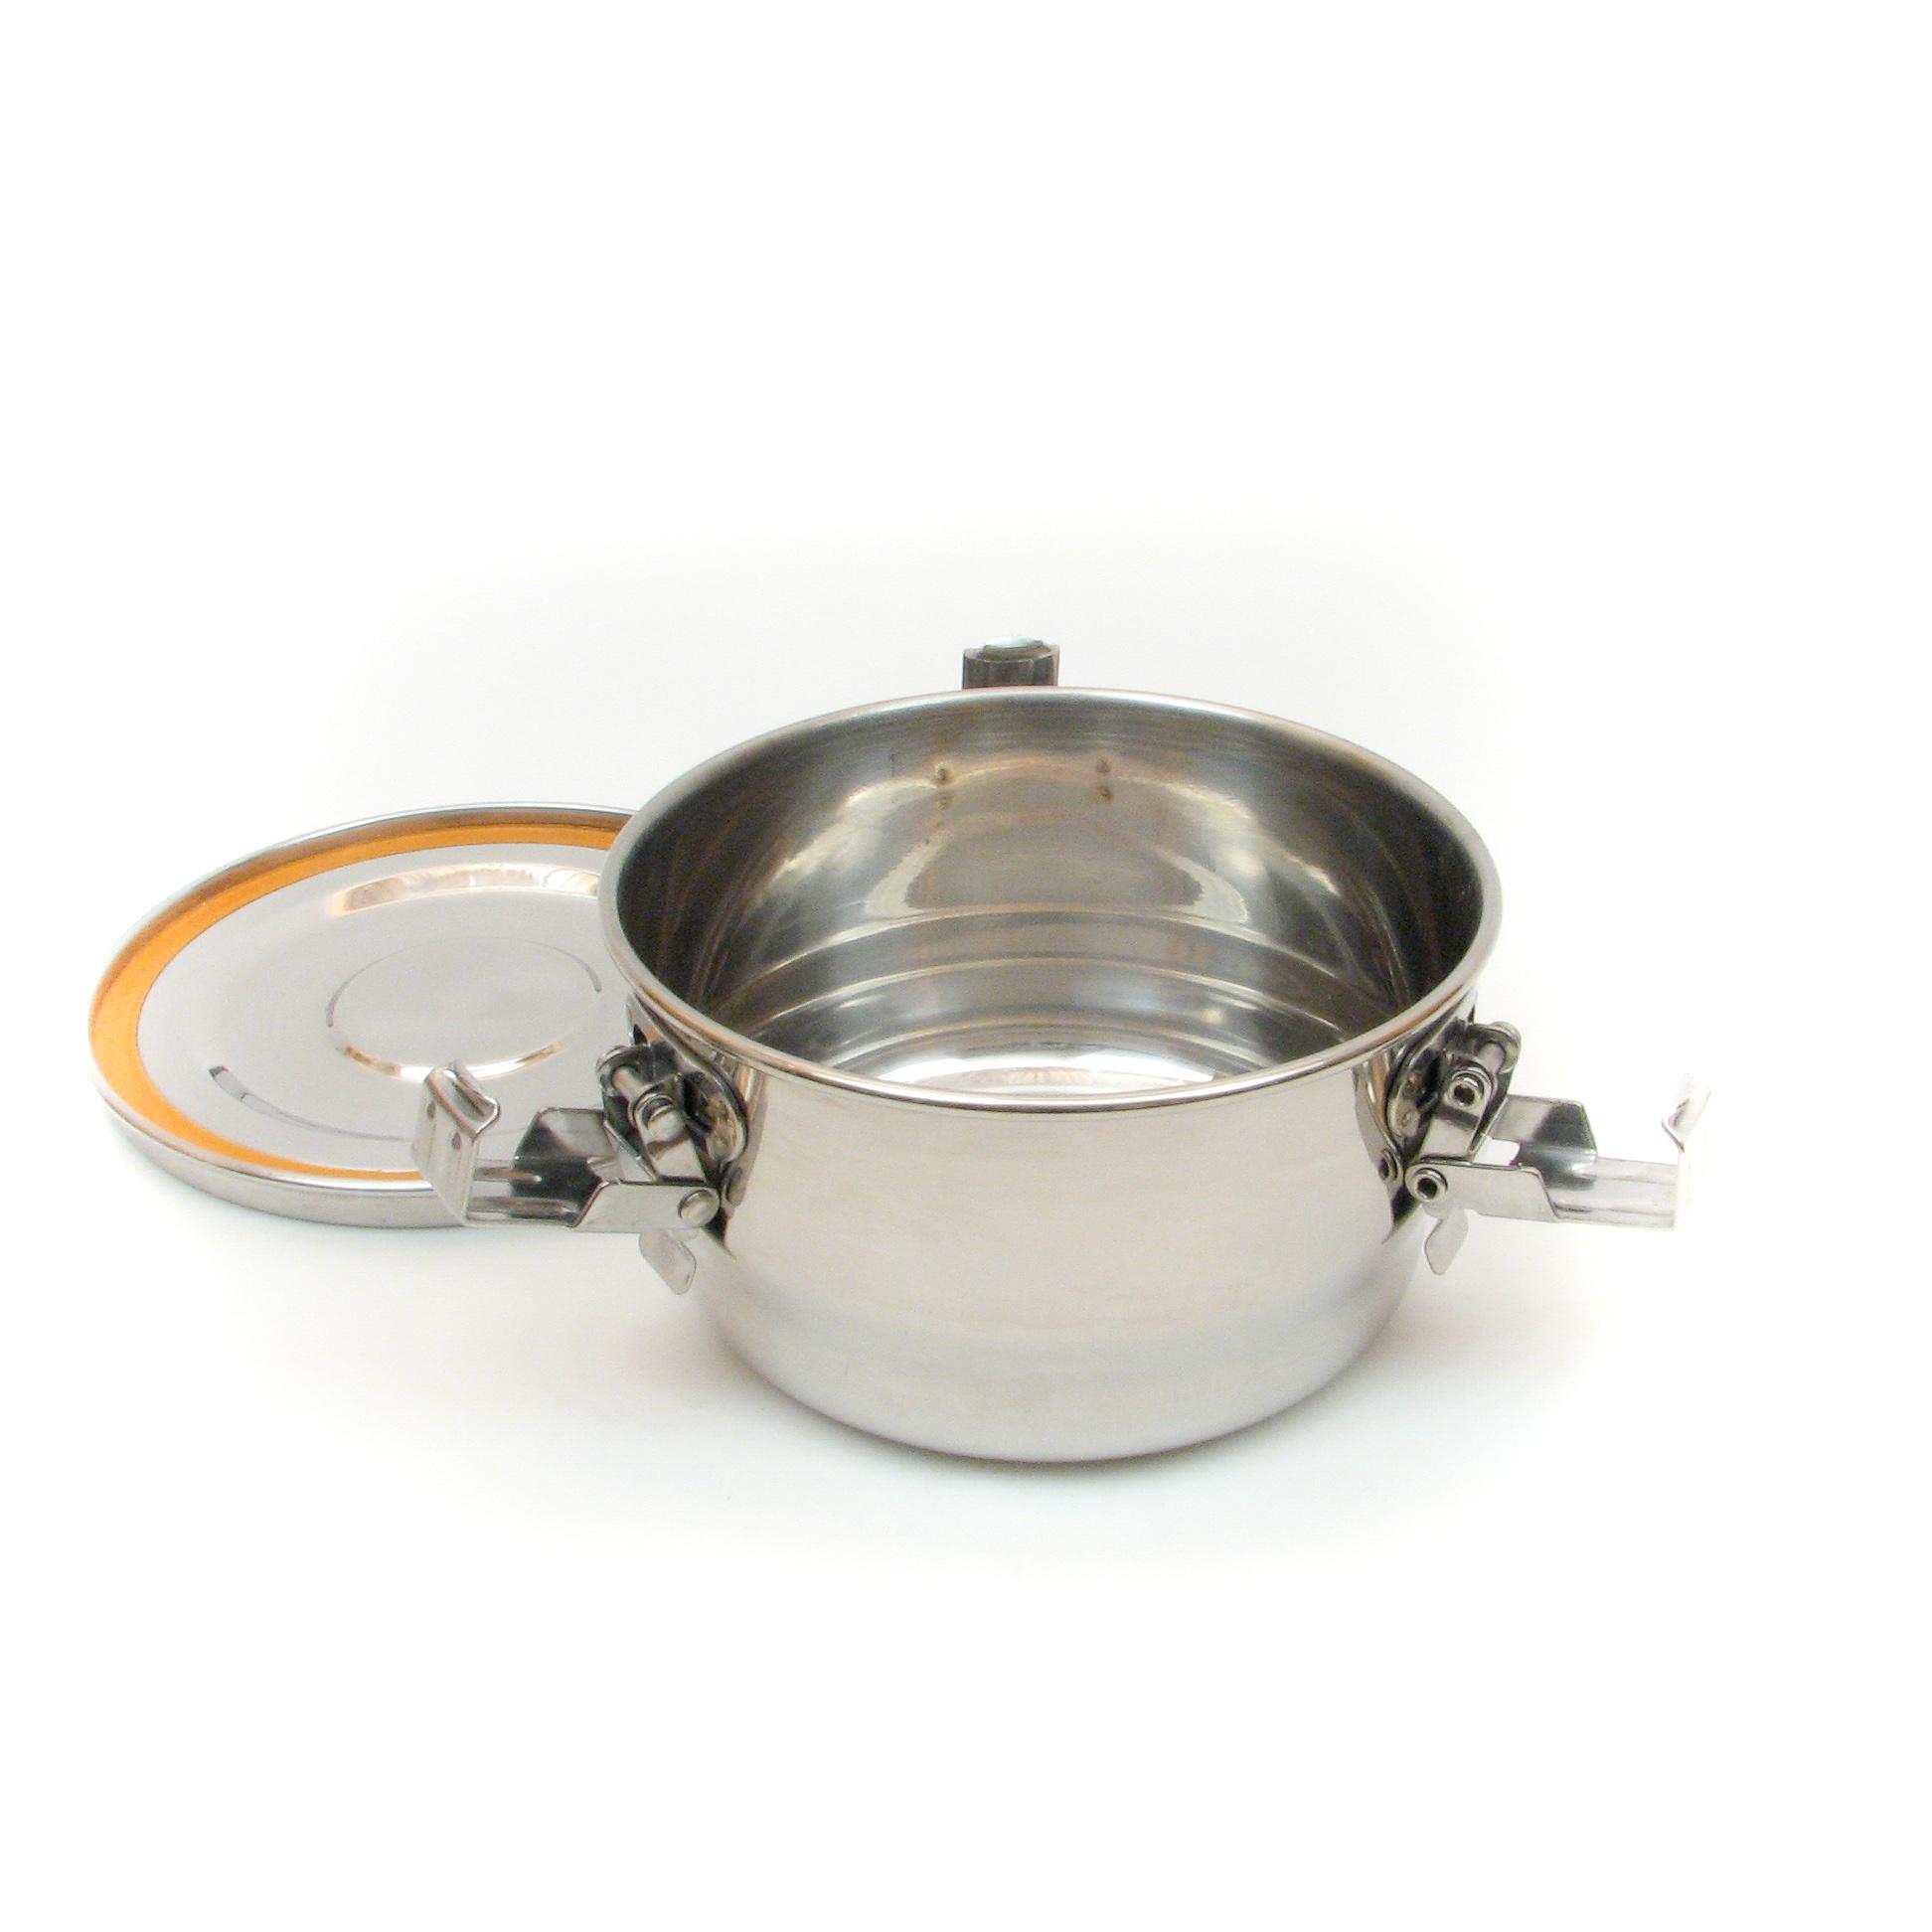 Contenant étanche à l'air et à l'eau en acier inoxydable pour le stockage des aliments - 375ml